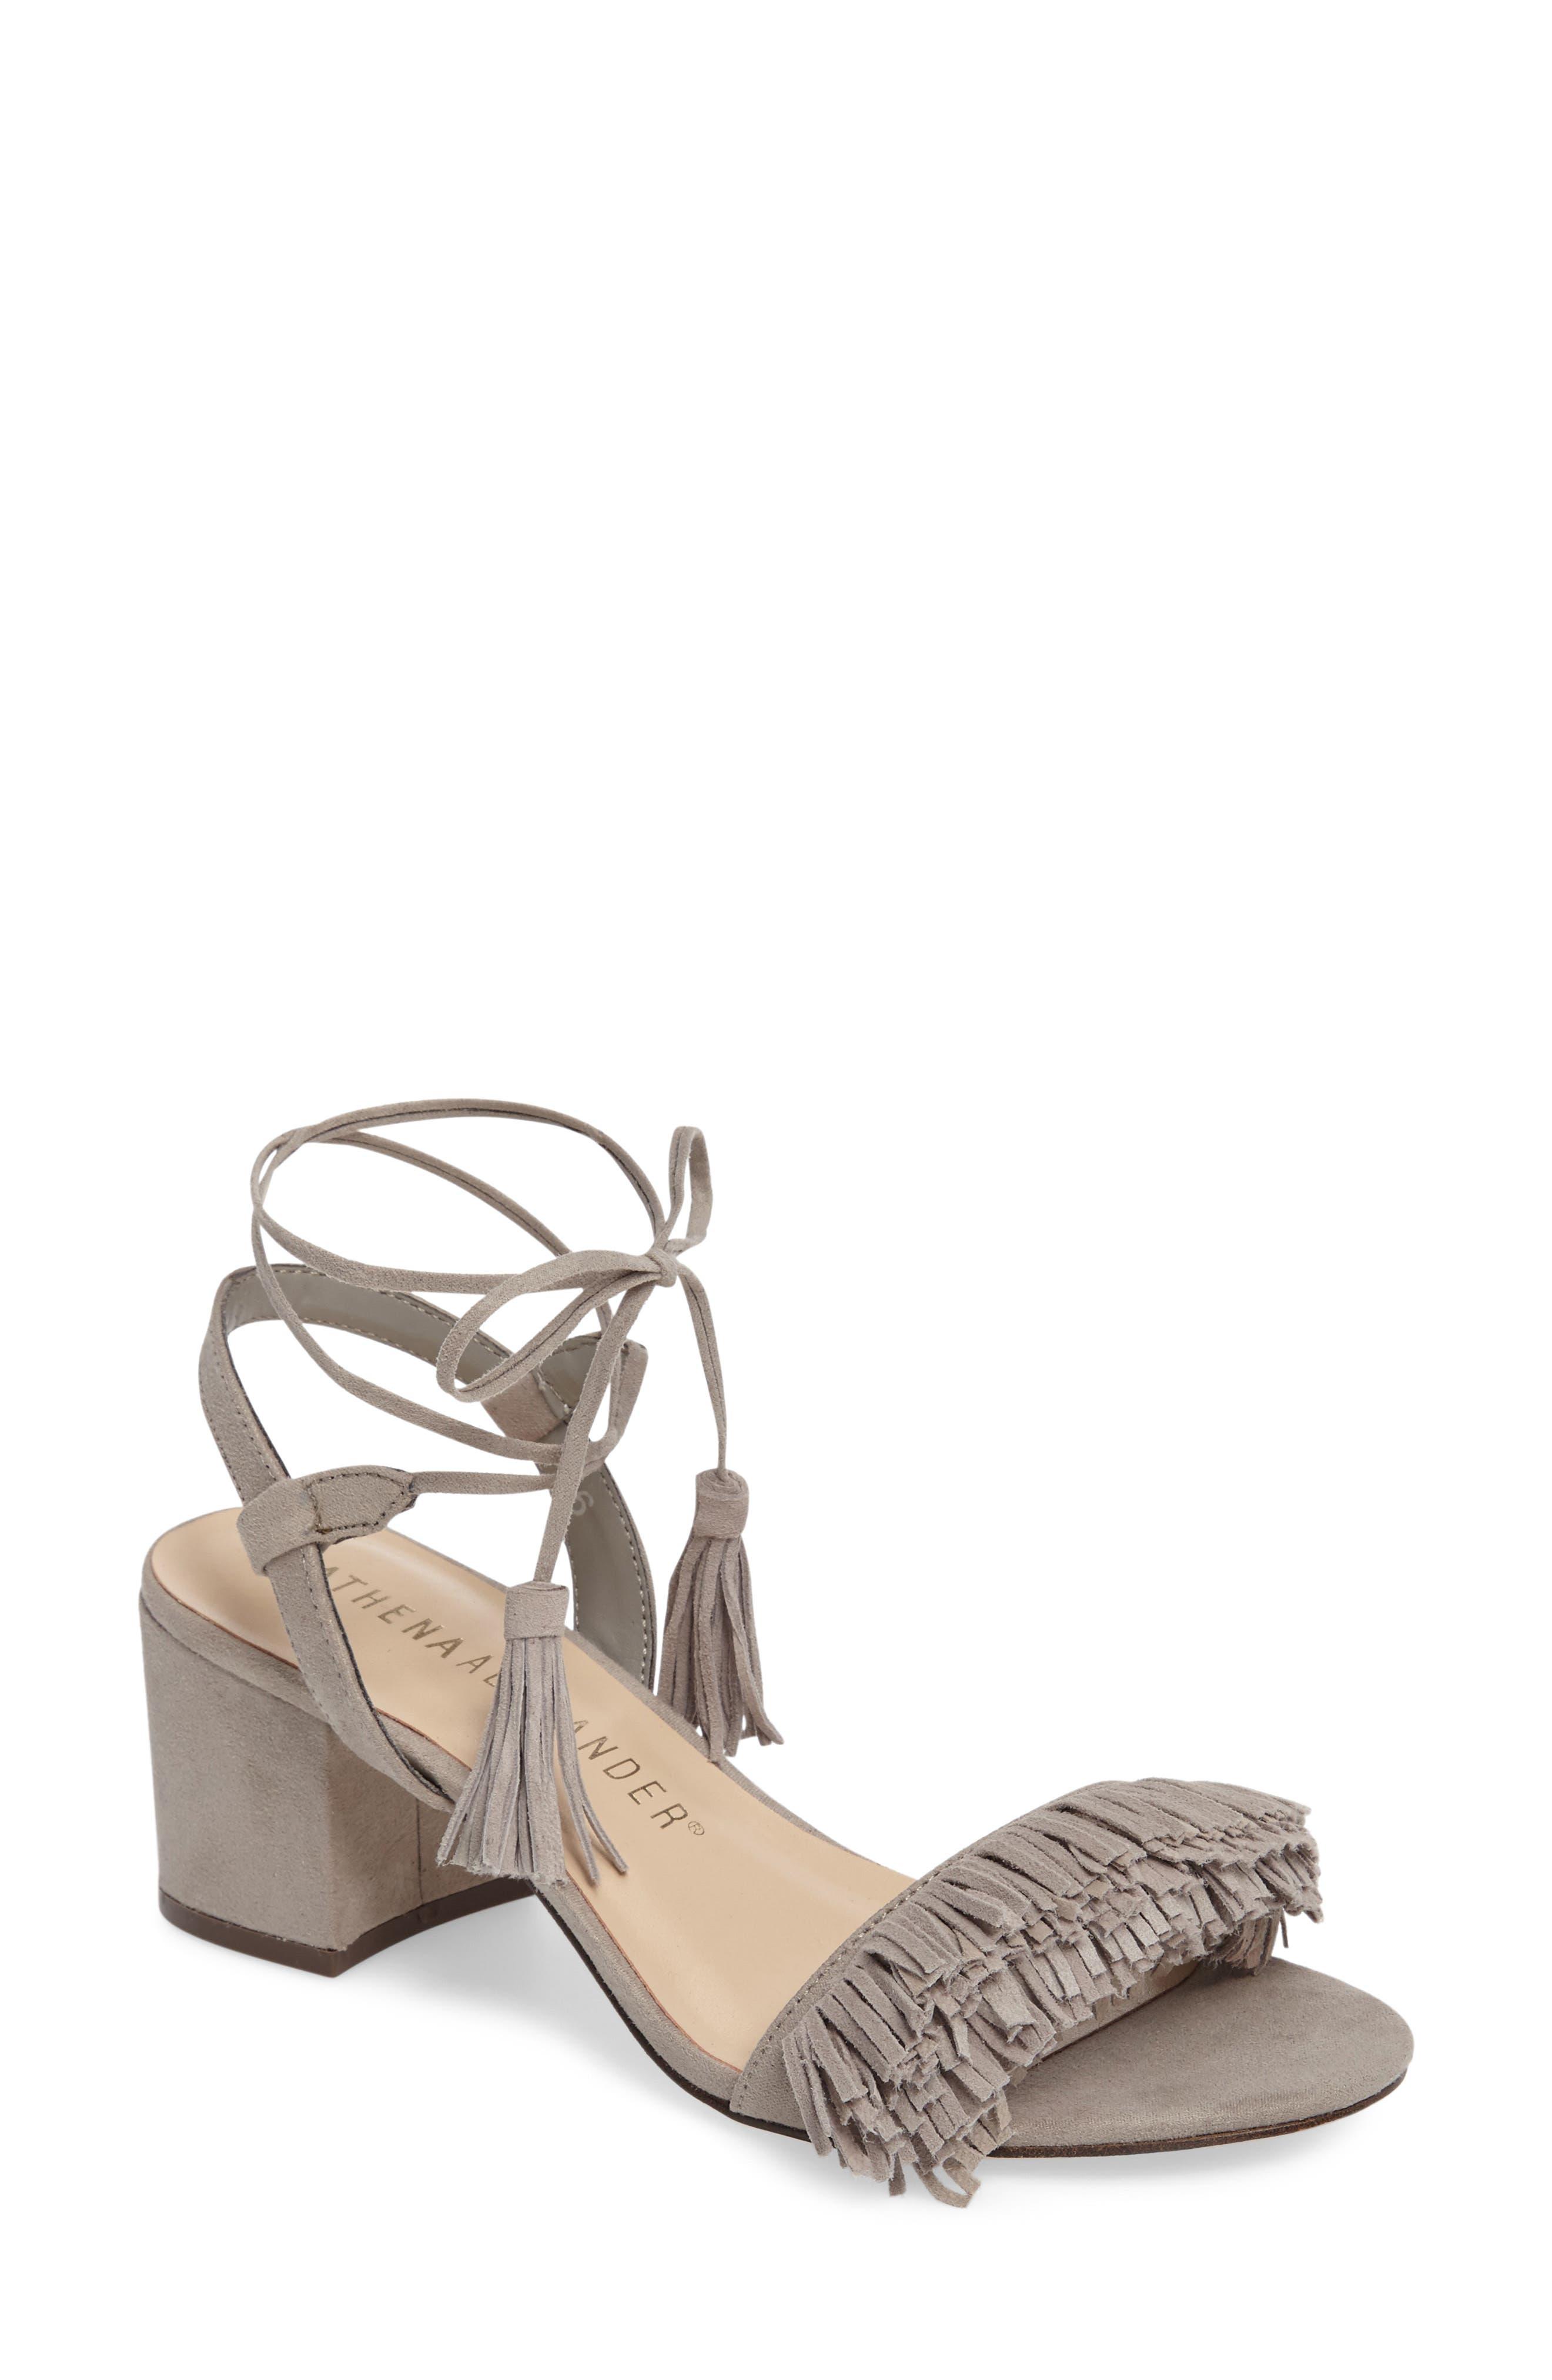 Main Image - Athena Alexander Fringed Ankle Wrap Sandal (Women)